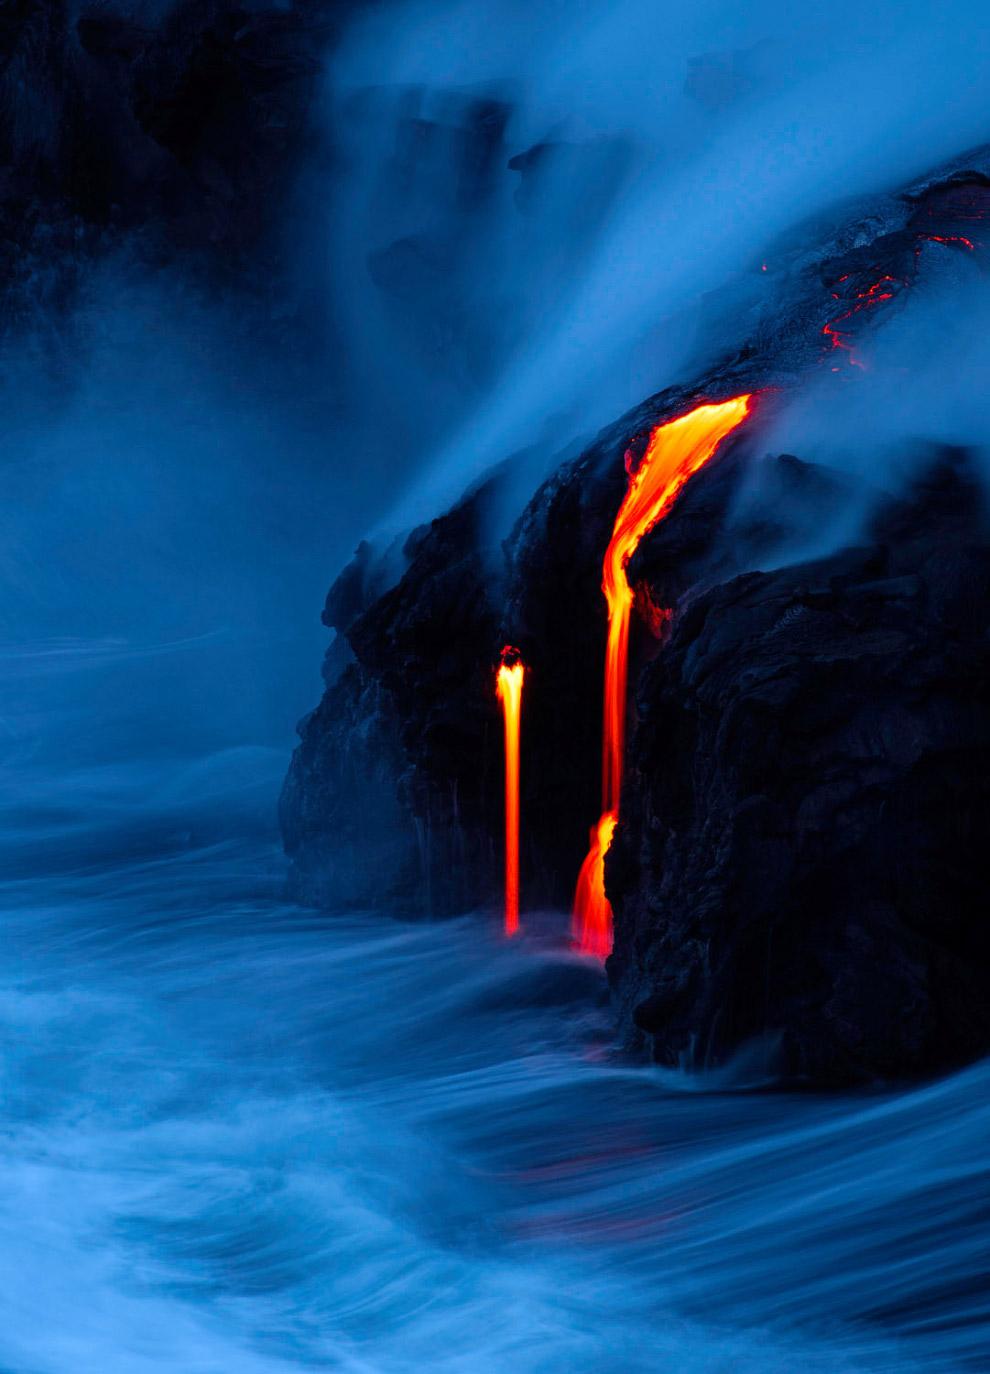 Лава из вулкана Килауэа впадает в океан в Капалане, Гавайи